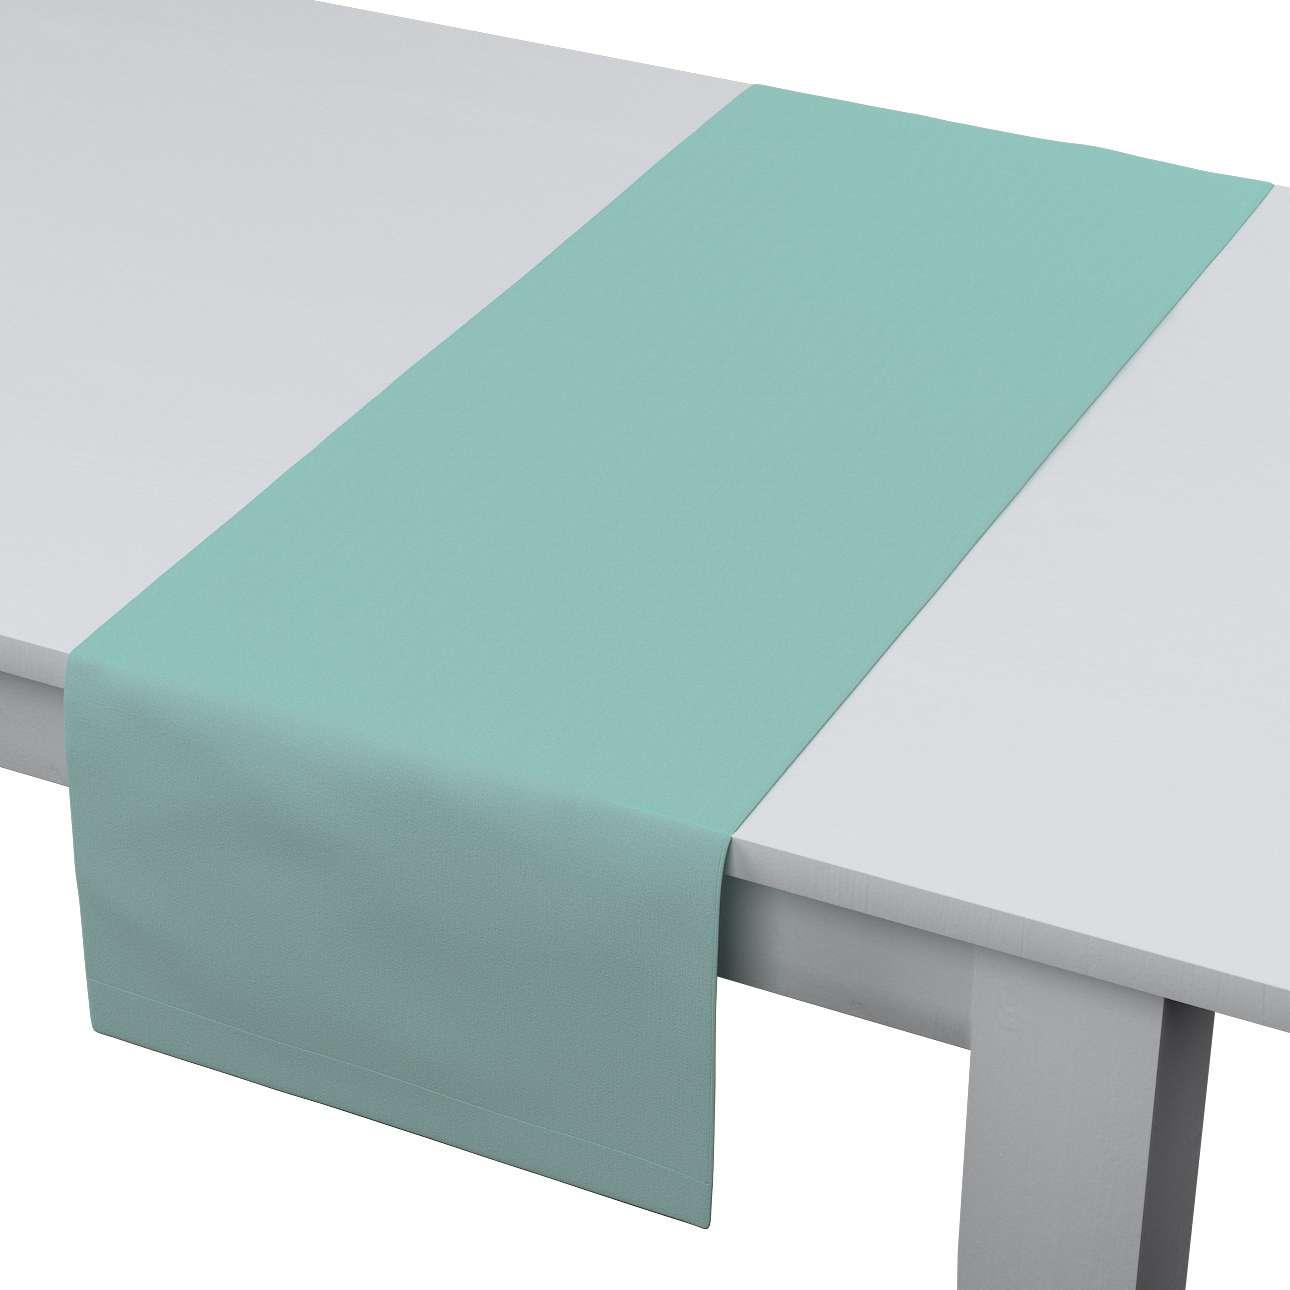 Rechteckiger Tischläufer 40 x 130 cm von der Kollektion Loneta, Stoff: 133-32